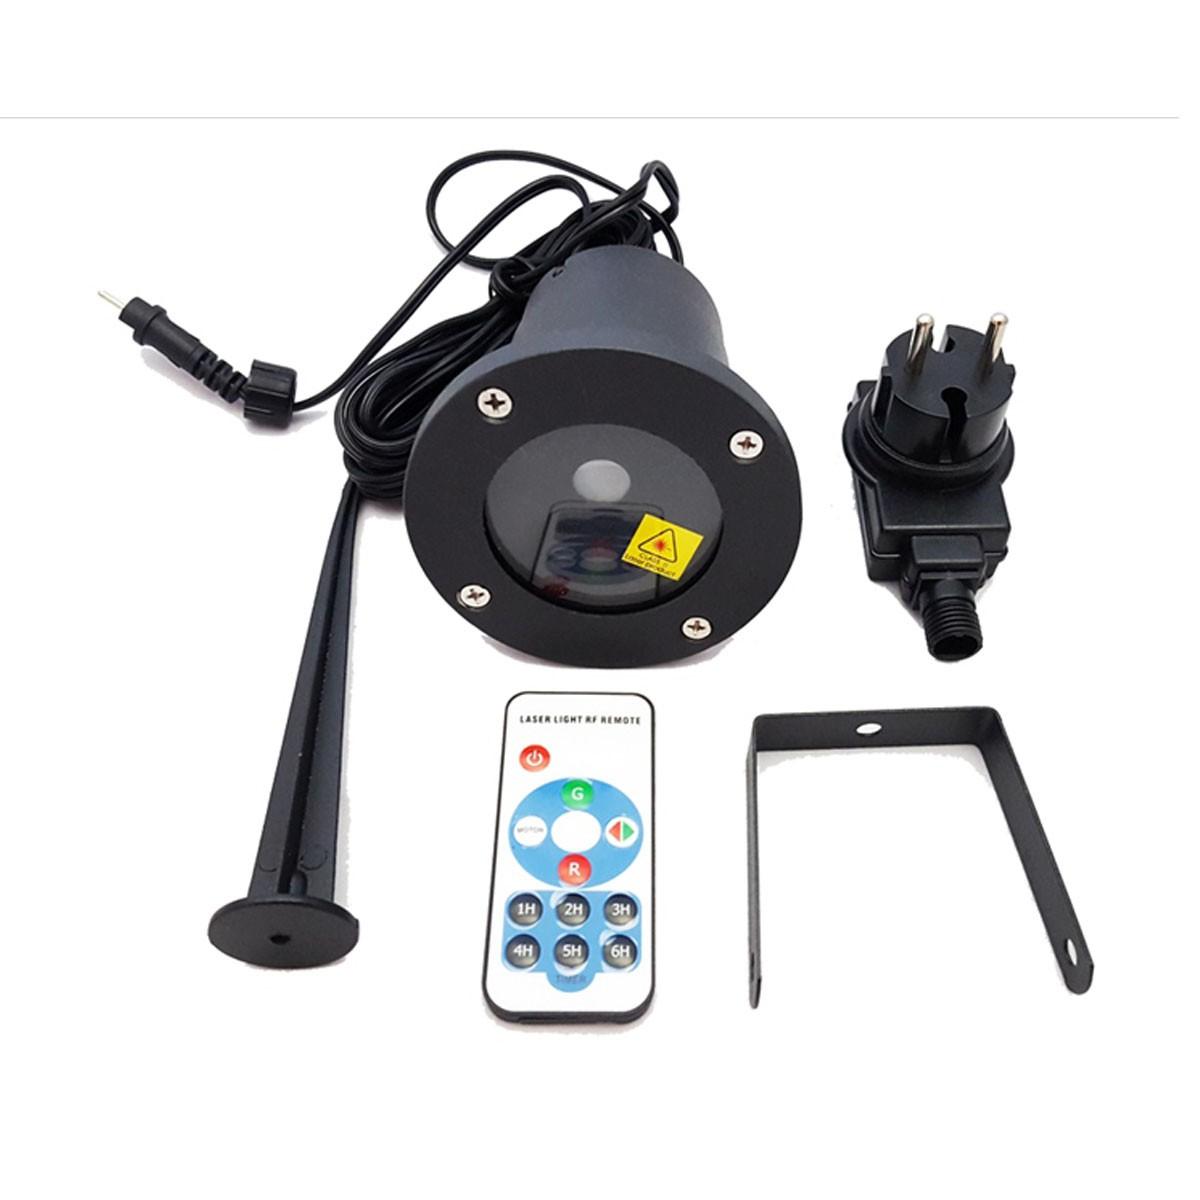 Proiettore Luci Laser Natale.Proiettore Luci Di Natale Natalizie Da Esterno Con Telecomando